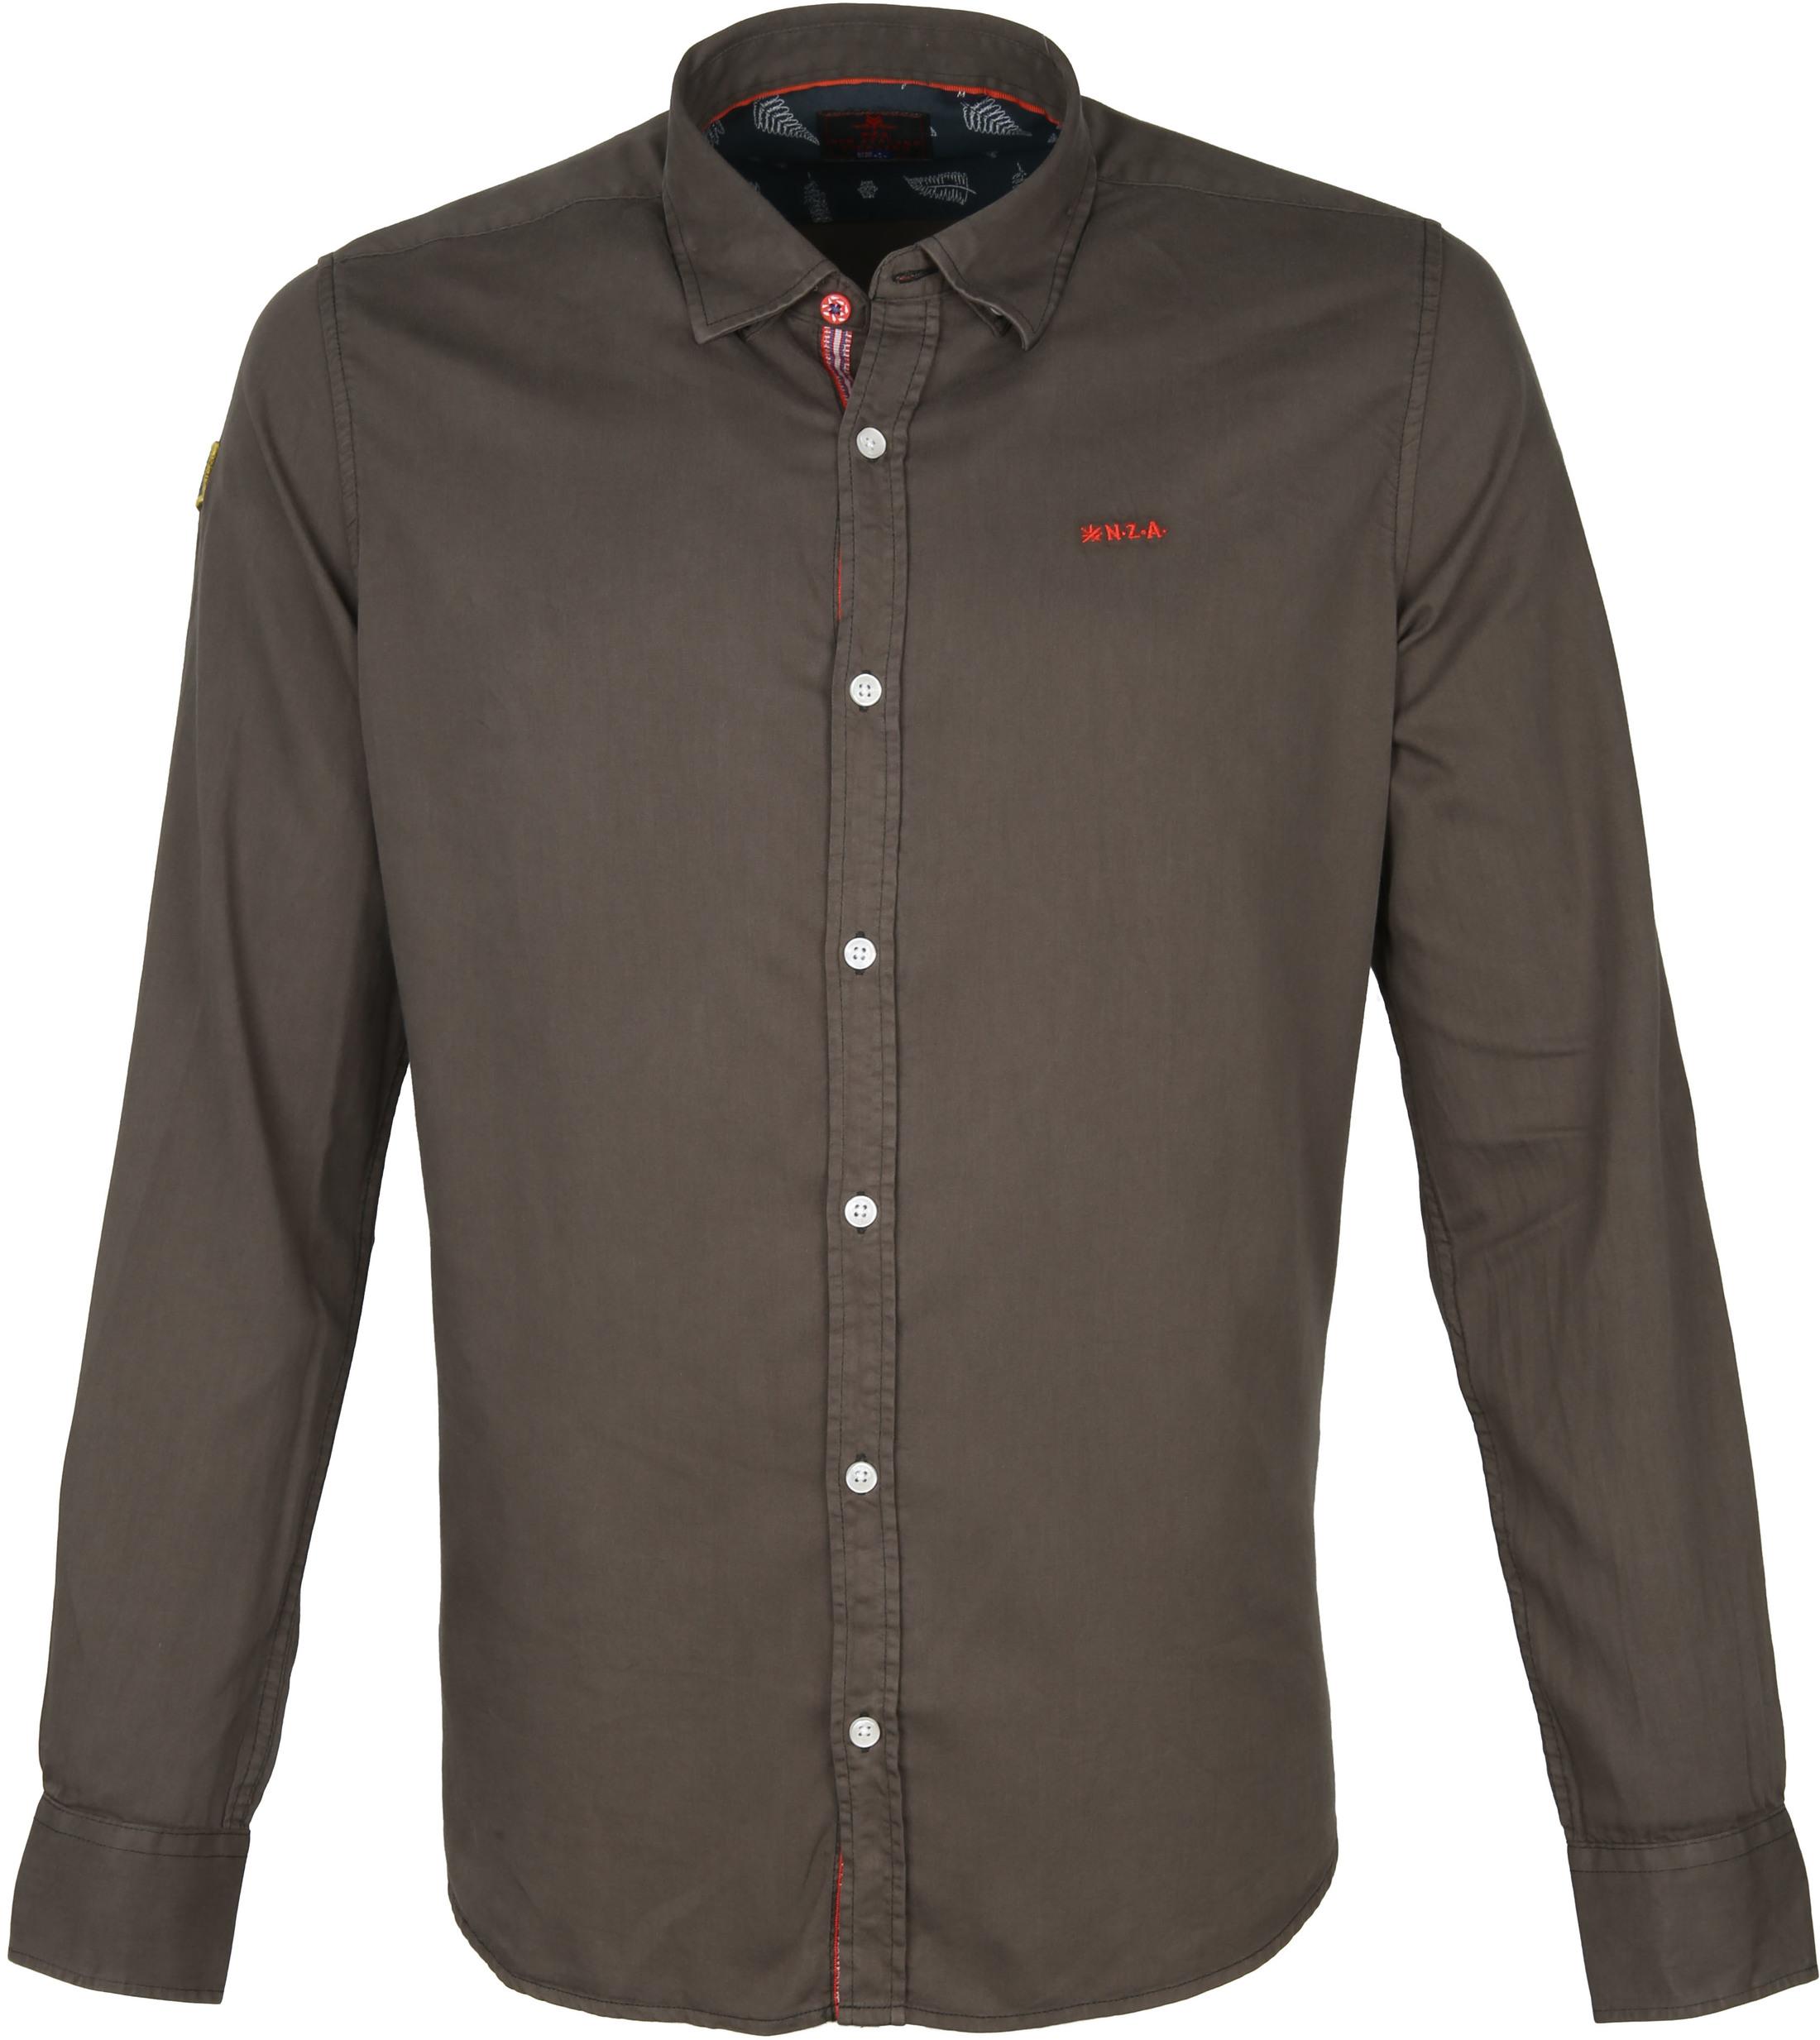 NZA Overhemd Tapuaeroa Donkergroen